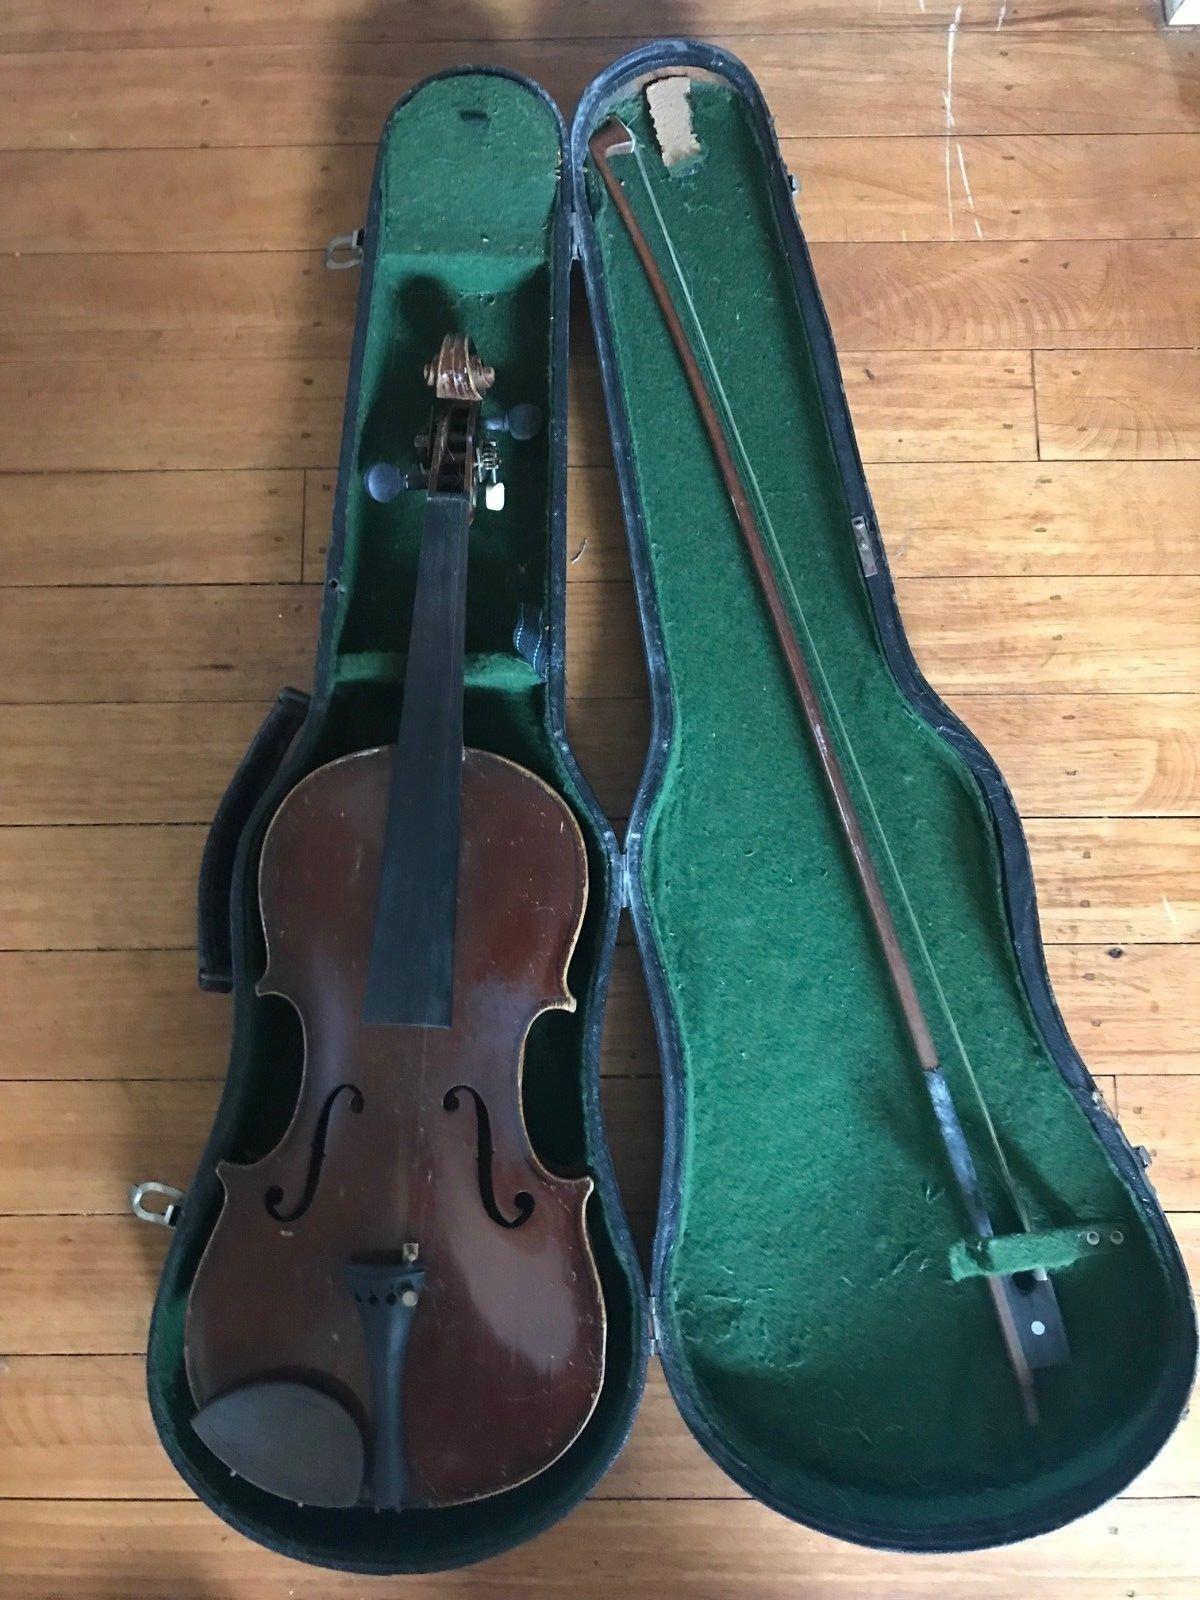 Vintage Violin Copy Antonius Stradivarius Anno 17 Czechoslovakia Parts Repair Violin Violin Violinart Vin Violin Violin Sizes Suzuki Violin